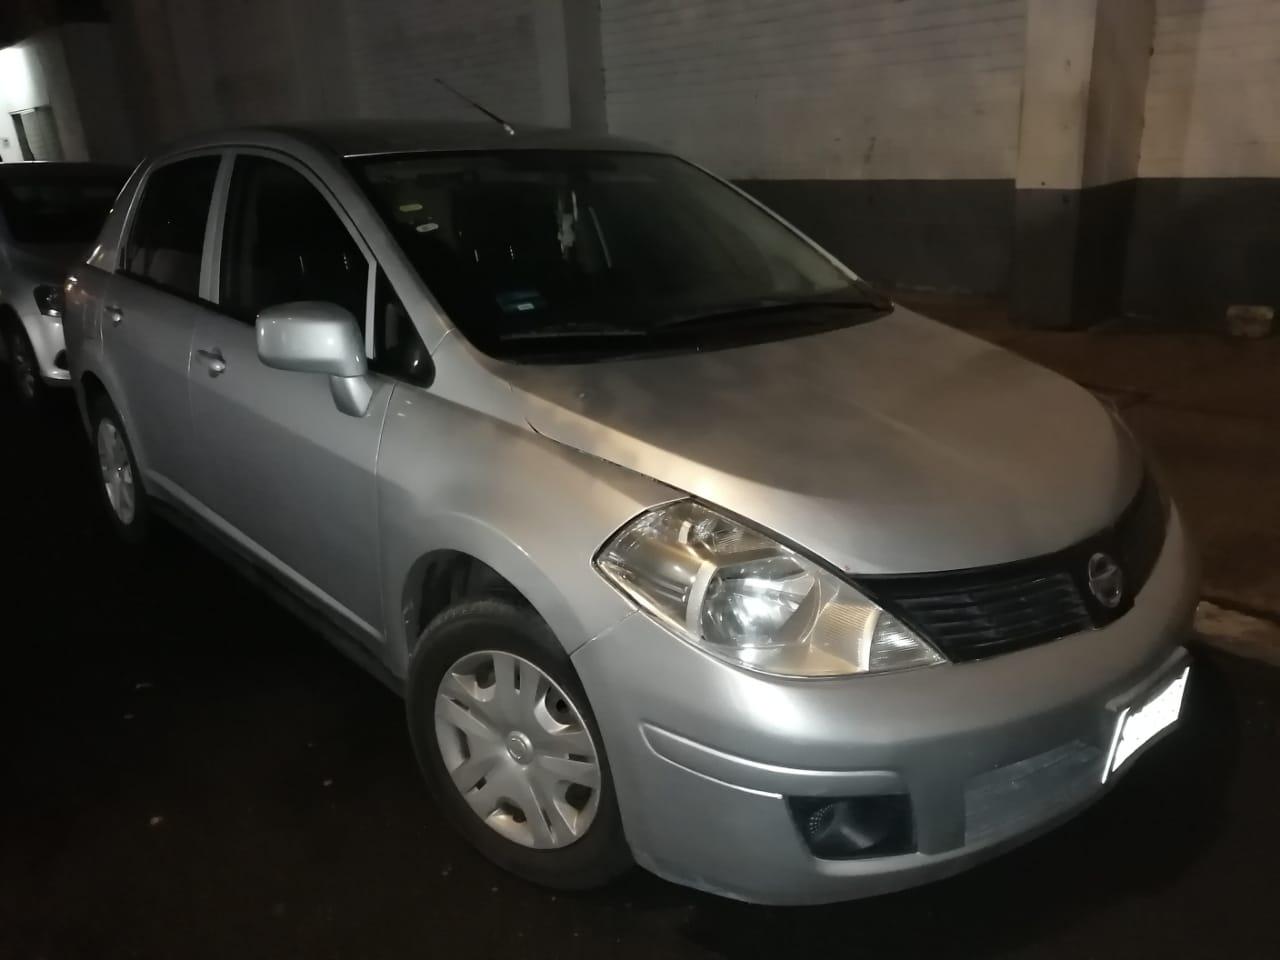 Policías de la SSC arrestaron a tres menores de edad por presunto robo a conductor de vehículo en Álvaro Obregón